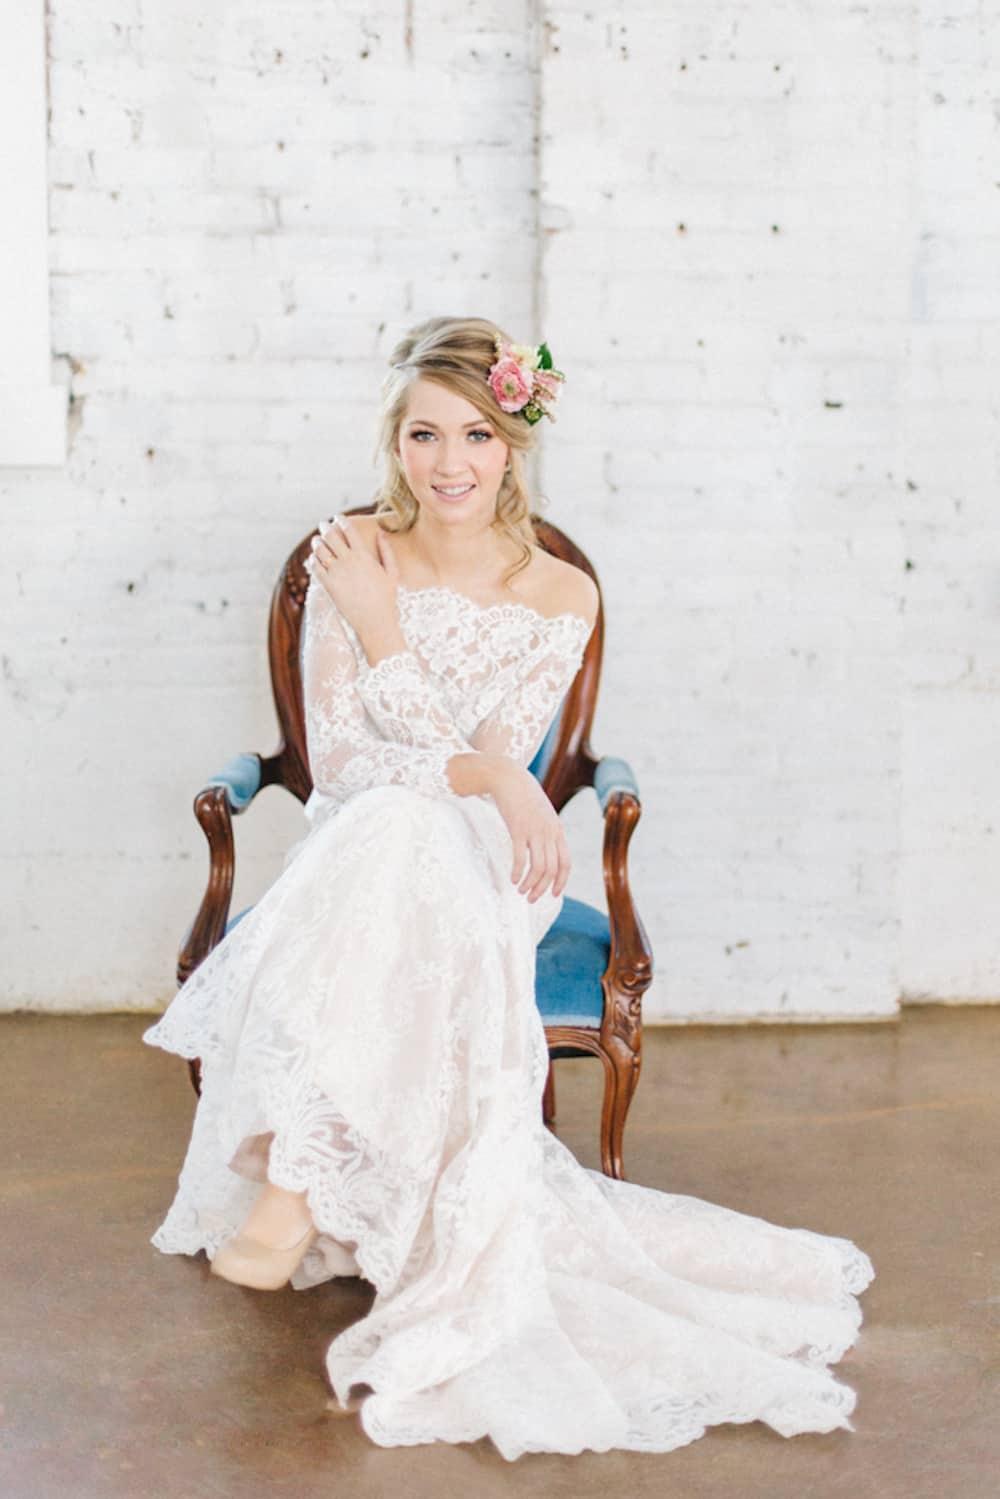 5 Emily Sacco Fine Art Colorado Wedding Photographer-81